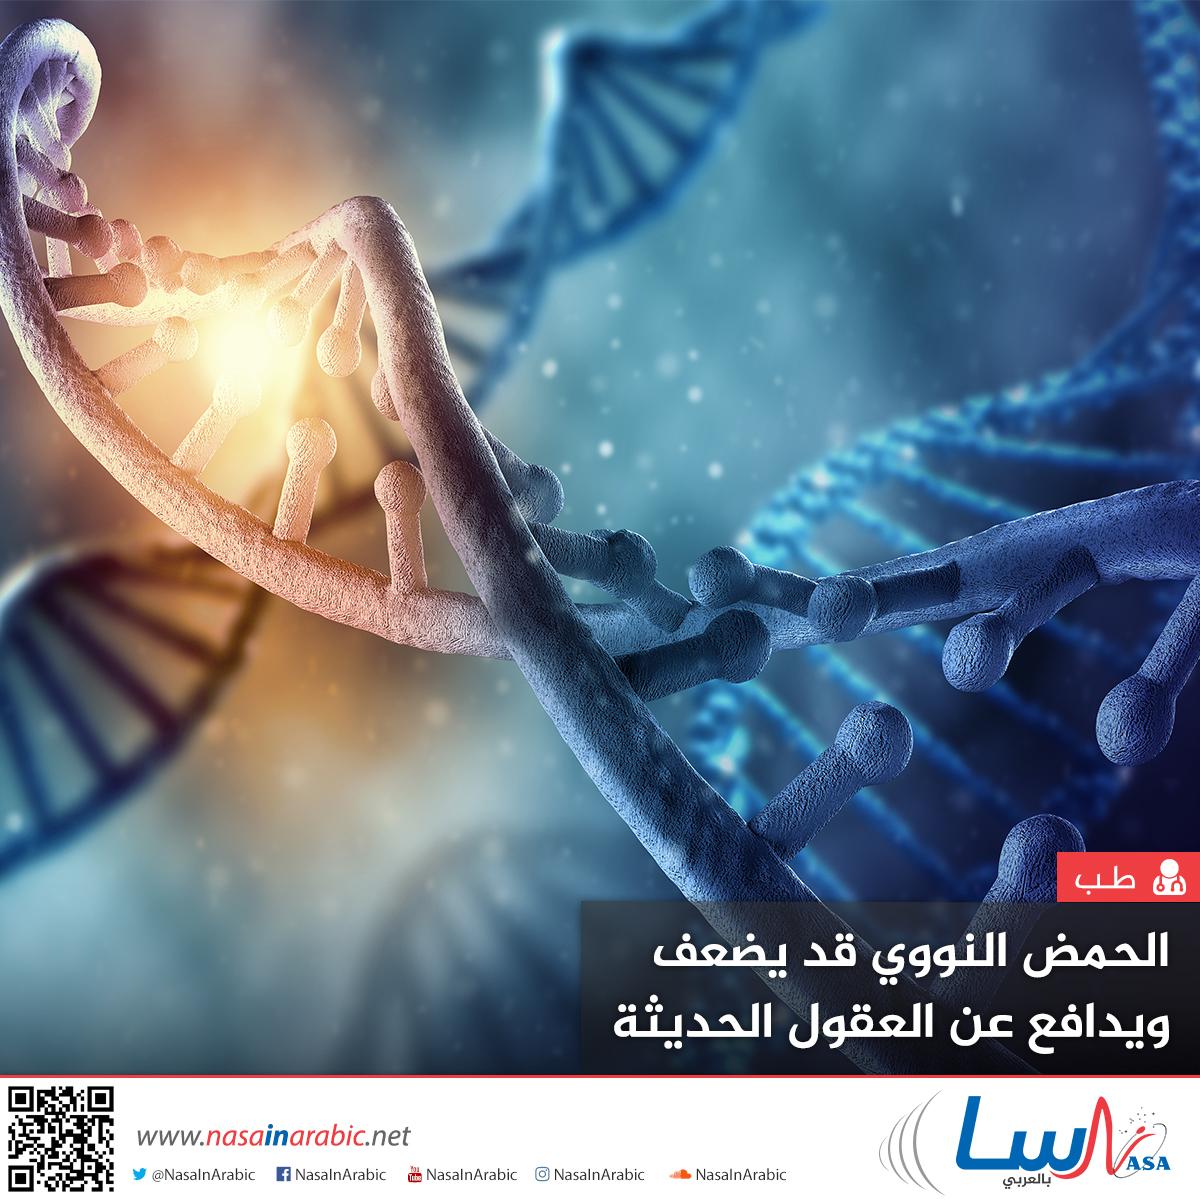 الحمض النووي قد يضعف ويدافع عن العقول الحديثة